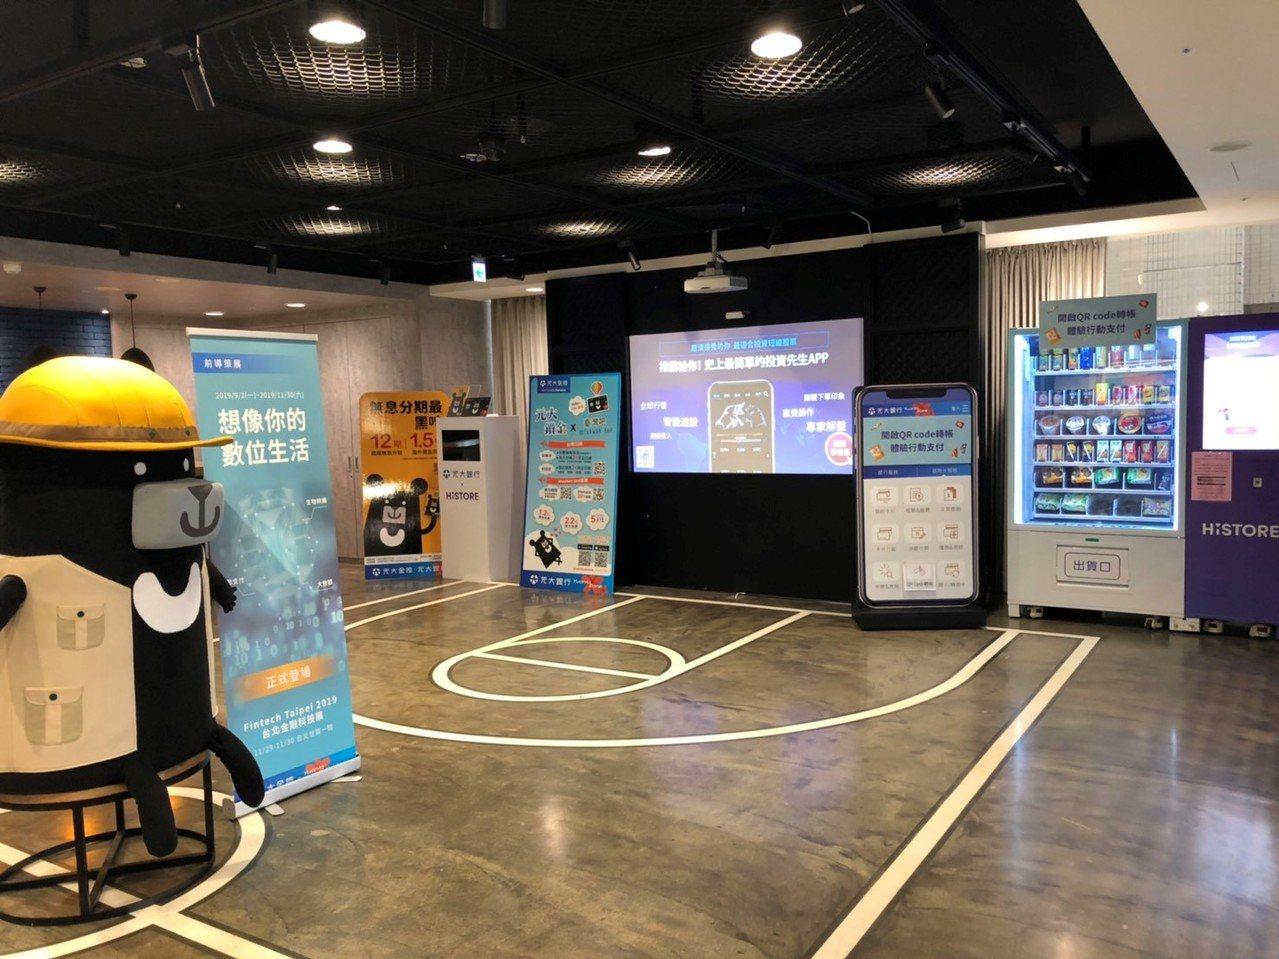 「想像你的數位生活」於元大銀行華山分行金融文創空間展出中。圖/元大銀行提供